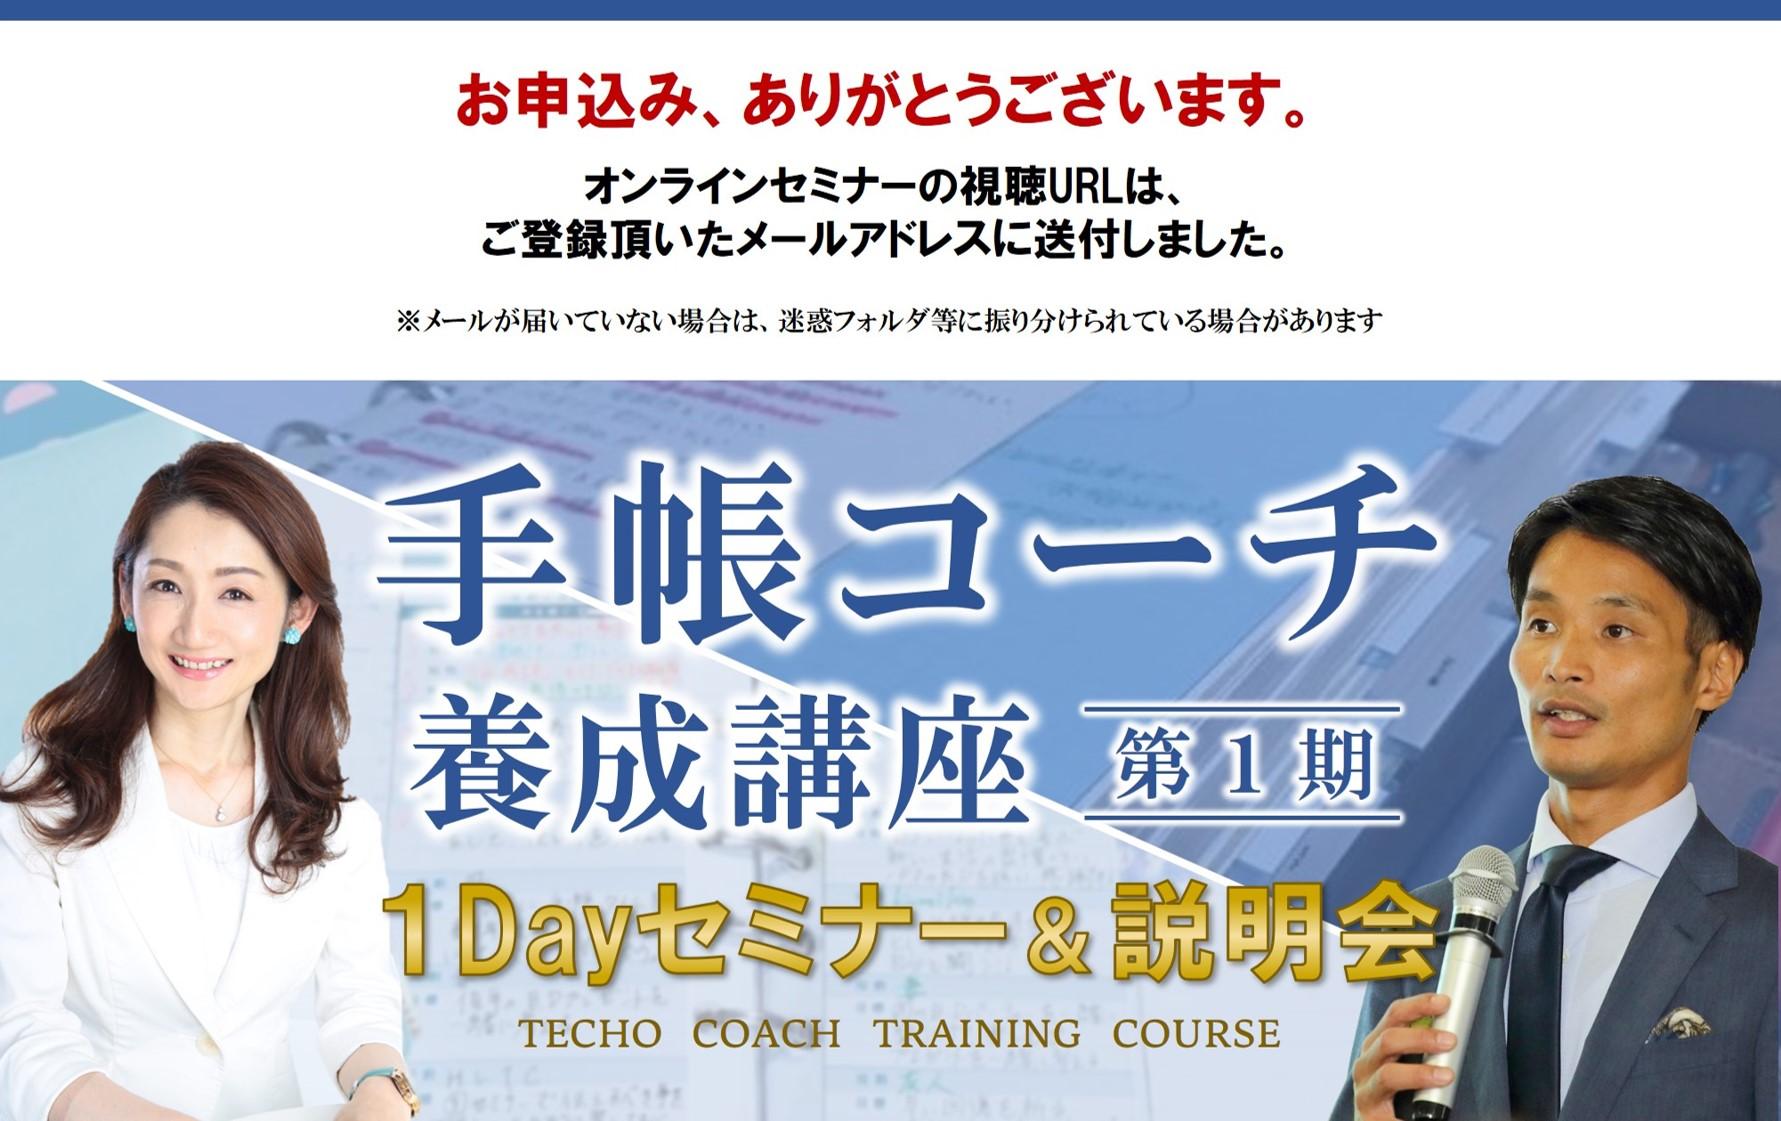 手帳コーチ養成講座1Dayセミナー&説明会(Thanks)